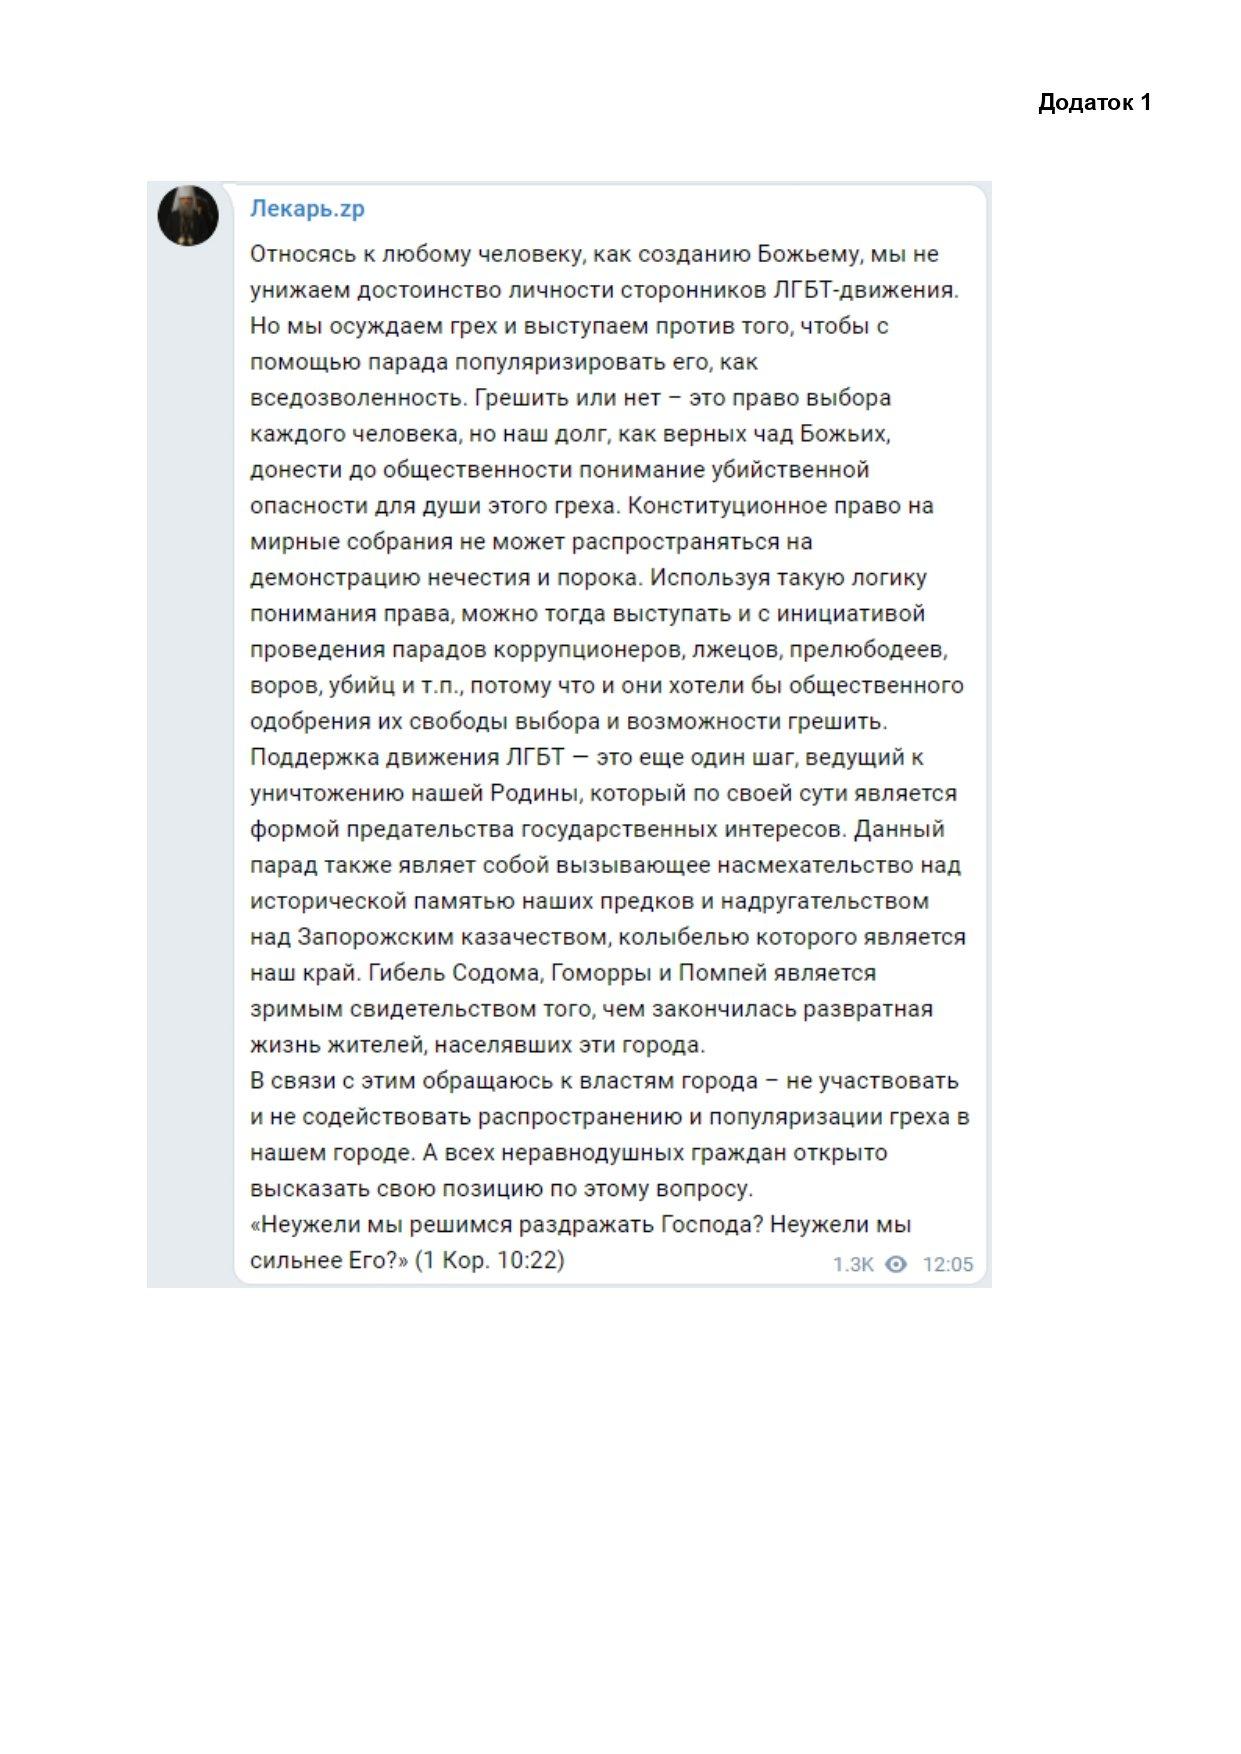 """Лука высказался против ЛГБТ: что ответили в """"ЗапорожьеПрайде"""" и при чем тут Беларусь и счетчики, фото-6"""